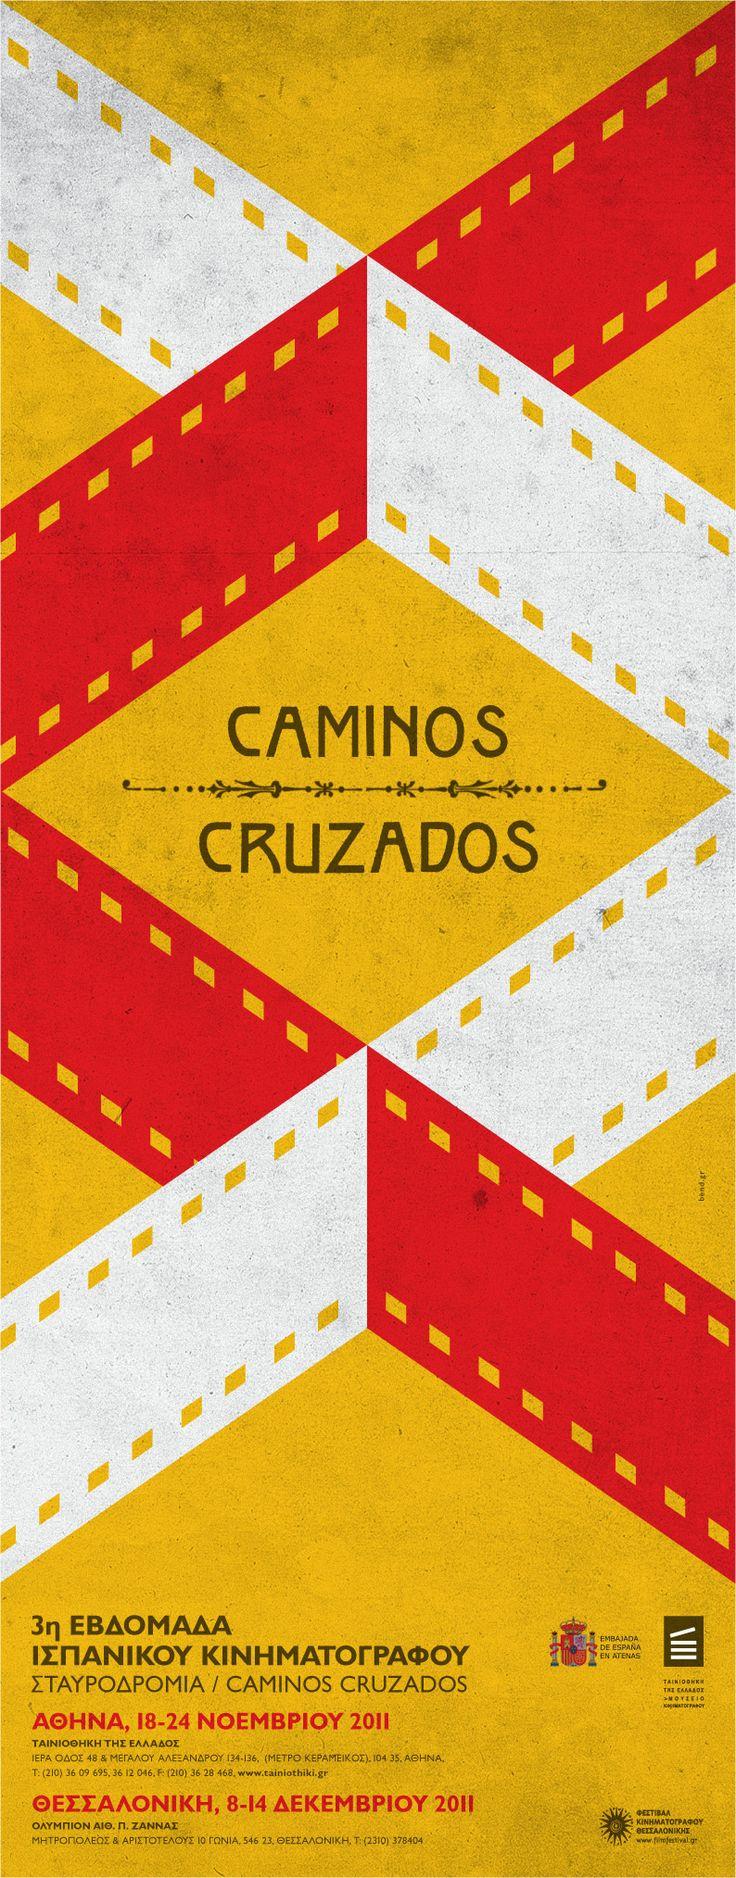 3η Εβδομάδα Ισπανικού Κινηματογράφου. 18-24 Νοεμβρίου 2011. Αφίσα